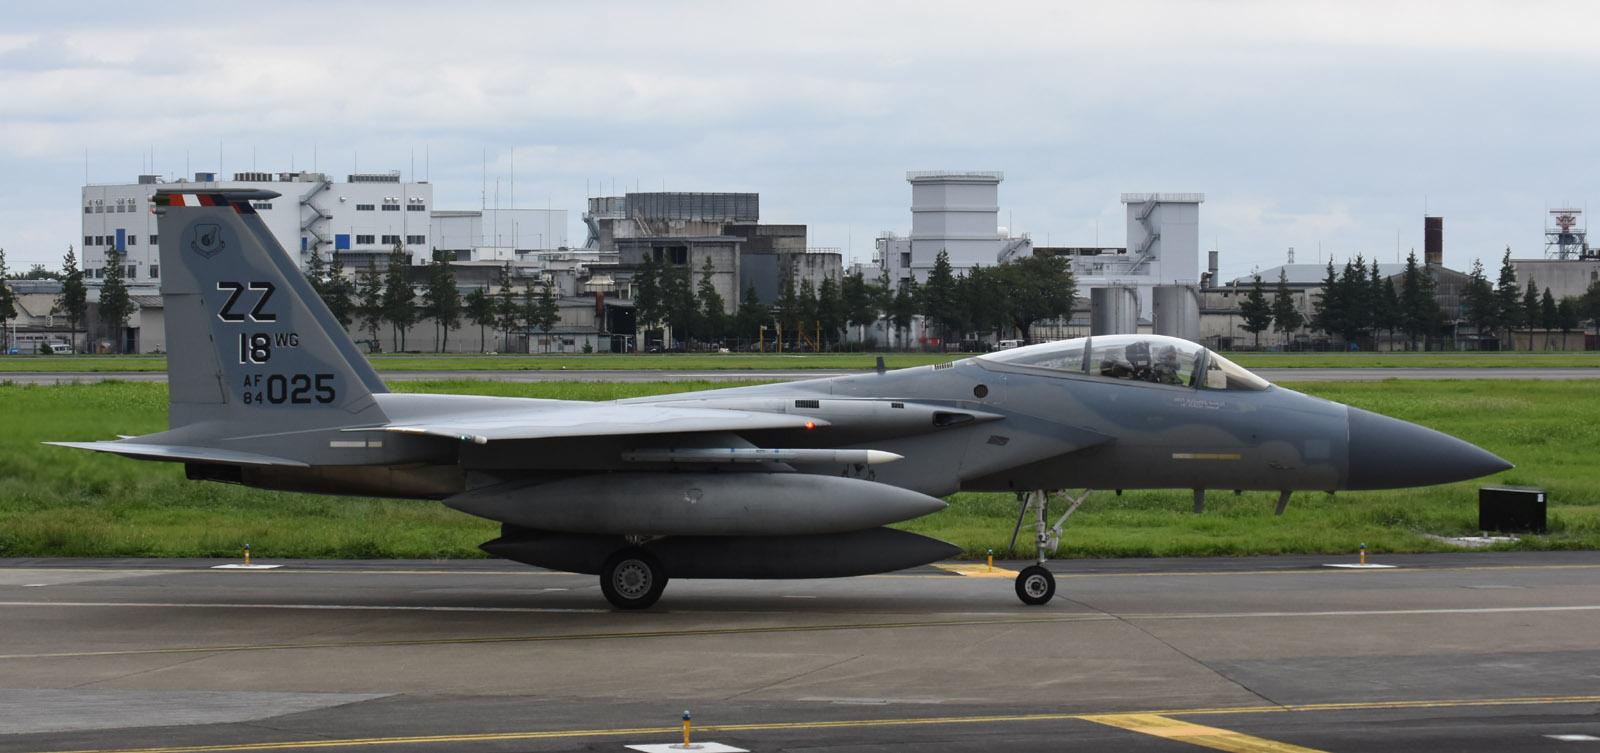 F15c180911g116